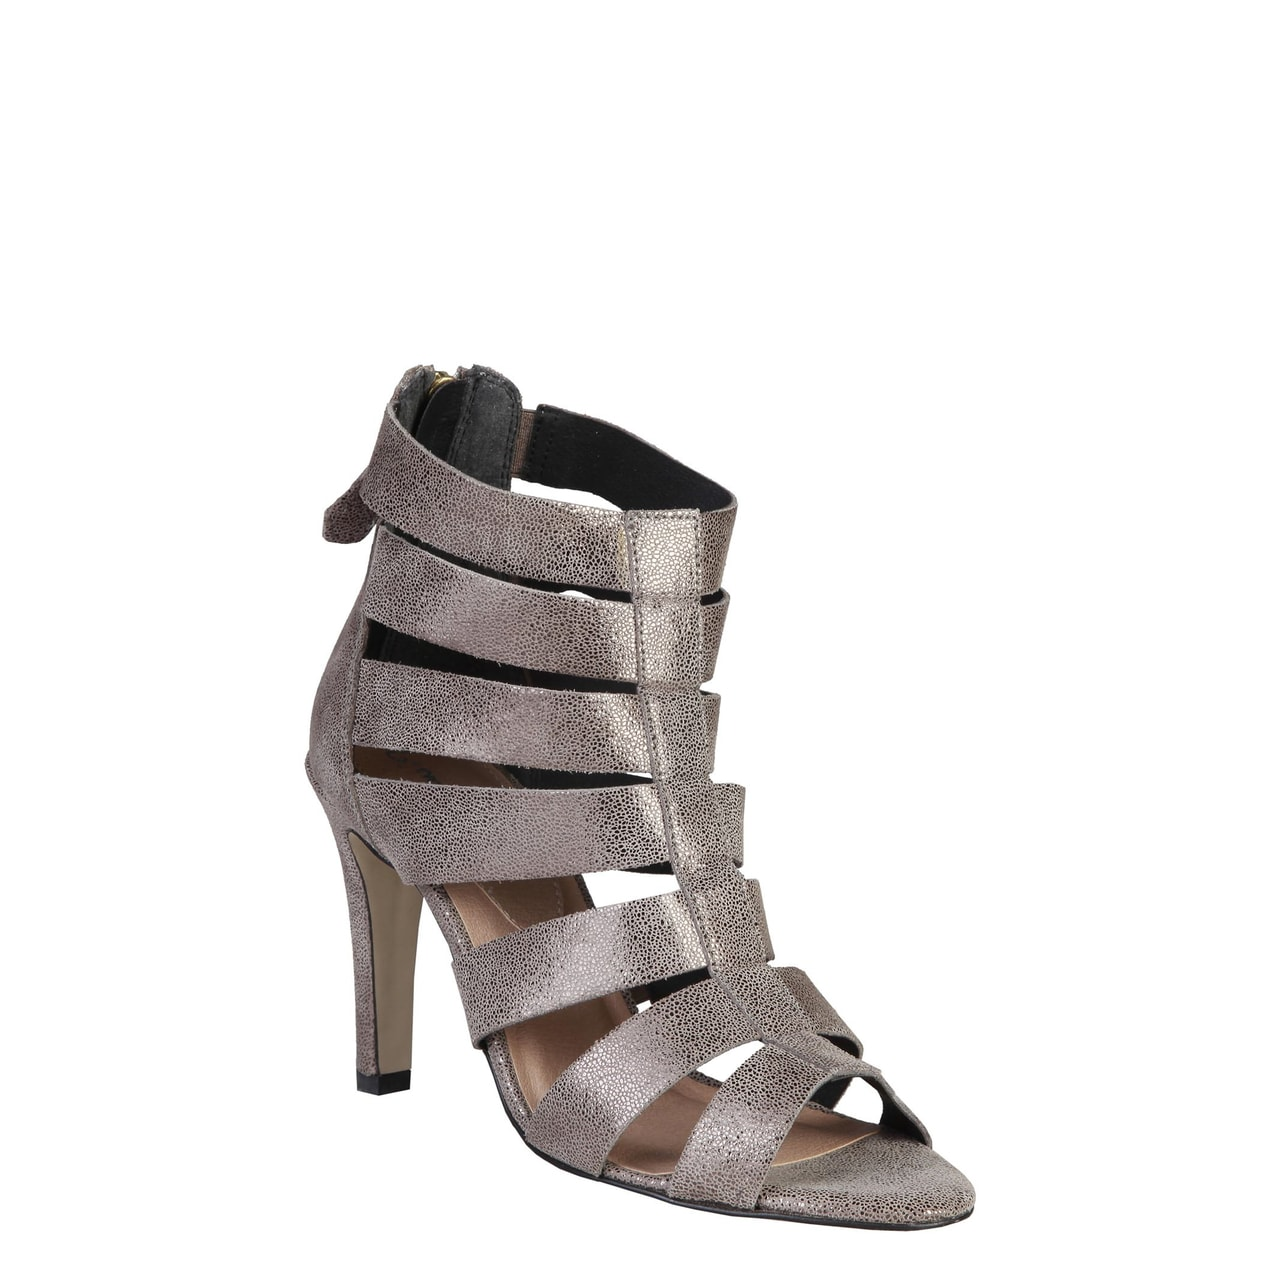 2a8152a842d5 Glamadise.sk - Dámske kožené sandále páskové strieborné - Pierre ...